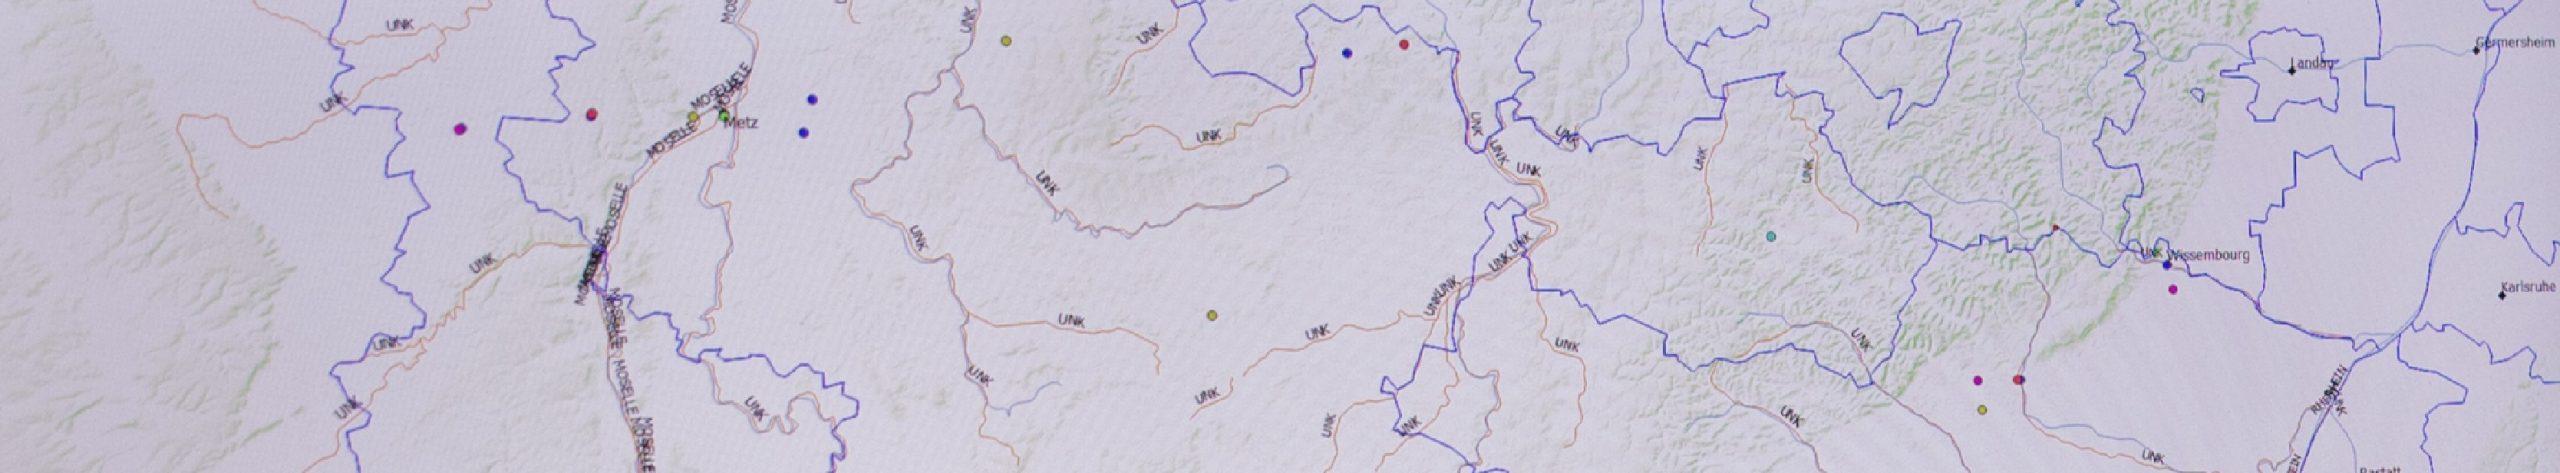 Cartographie des smart meters et leurs types